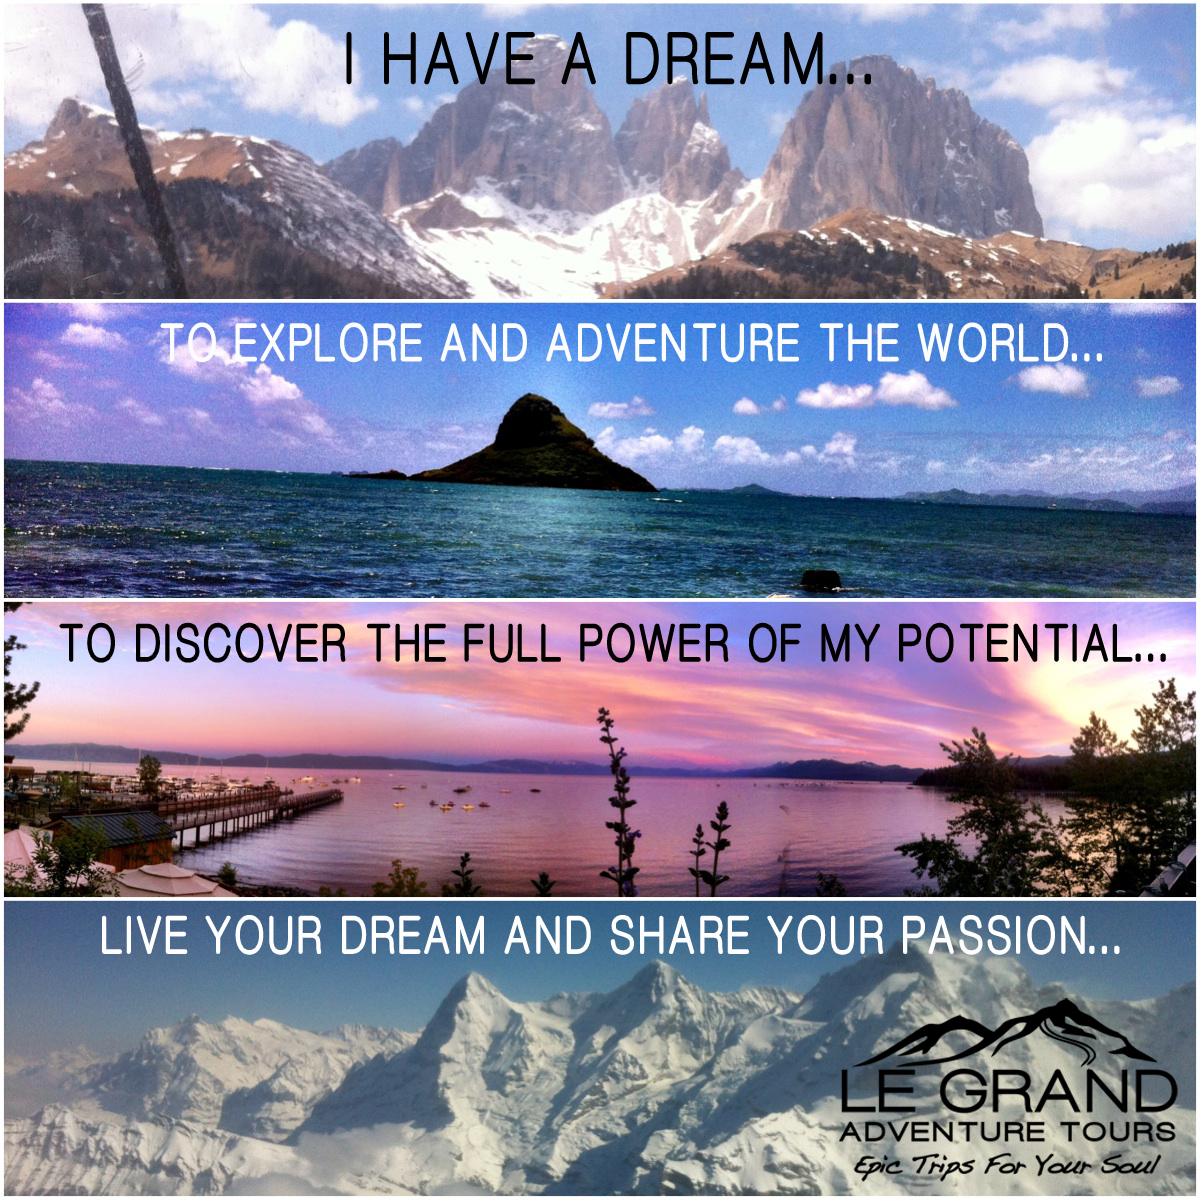 My Top Dream Destinations